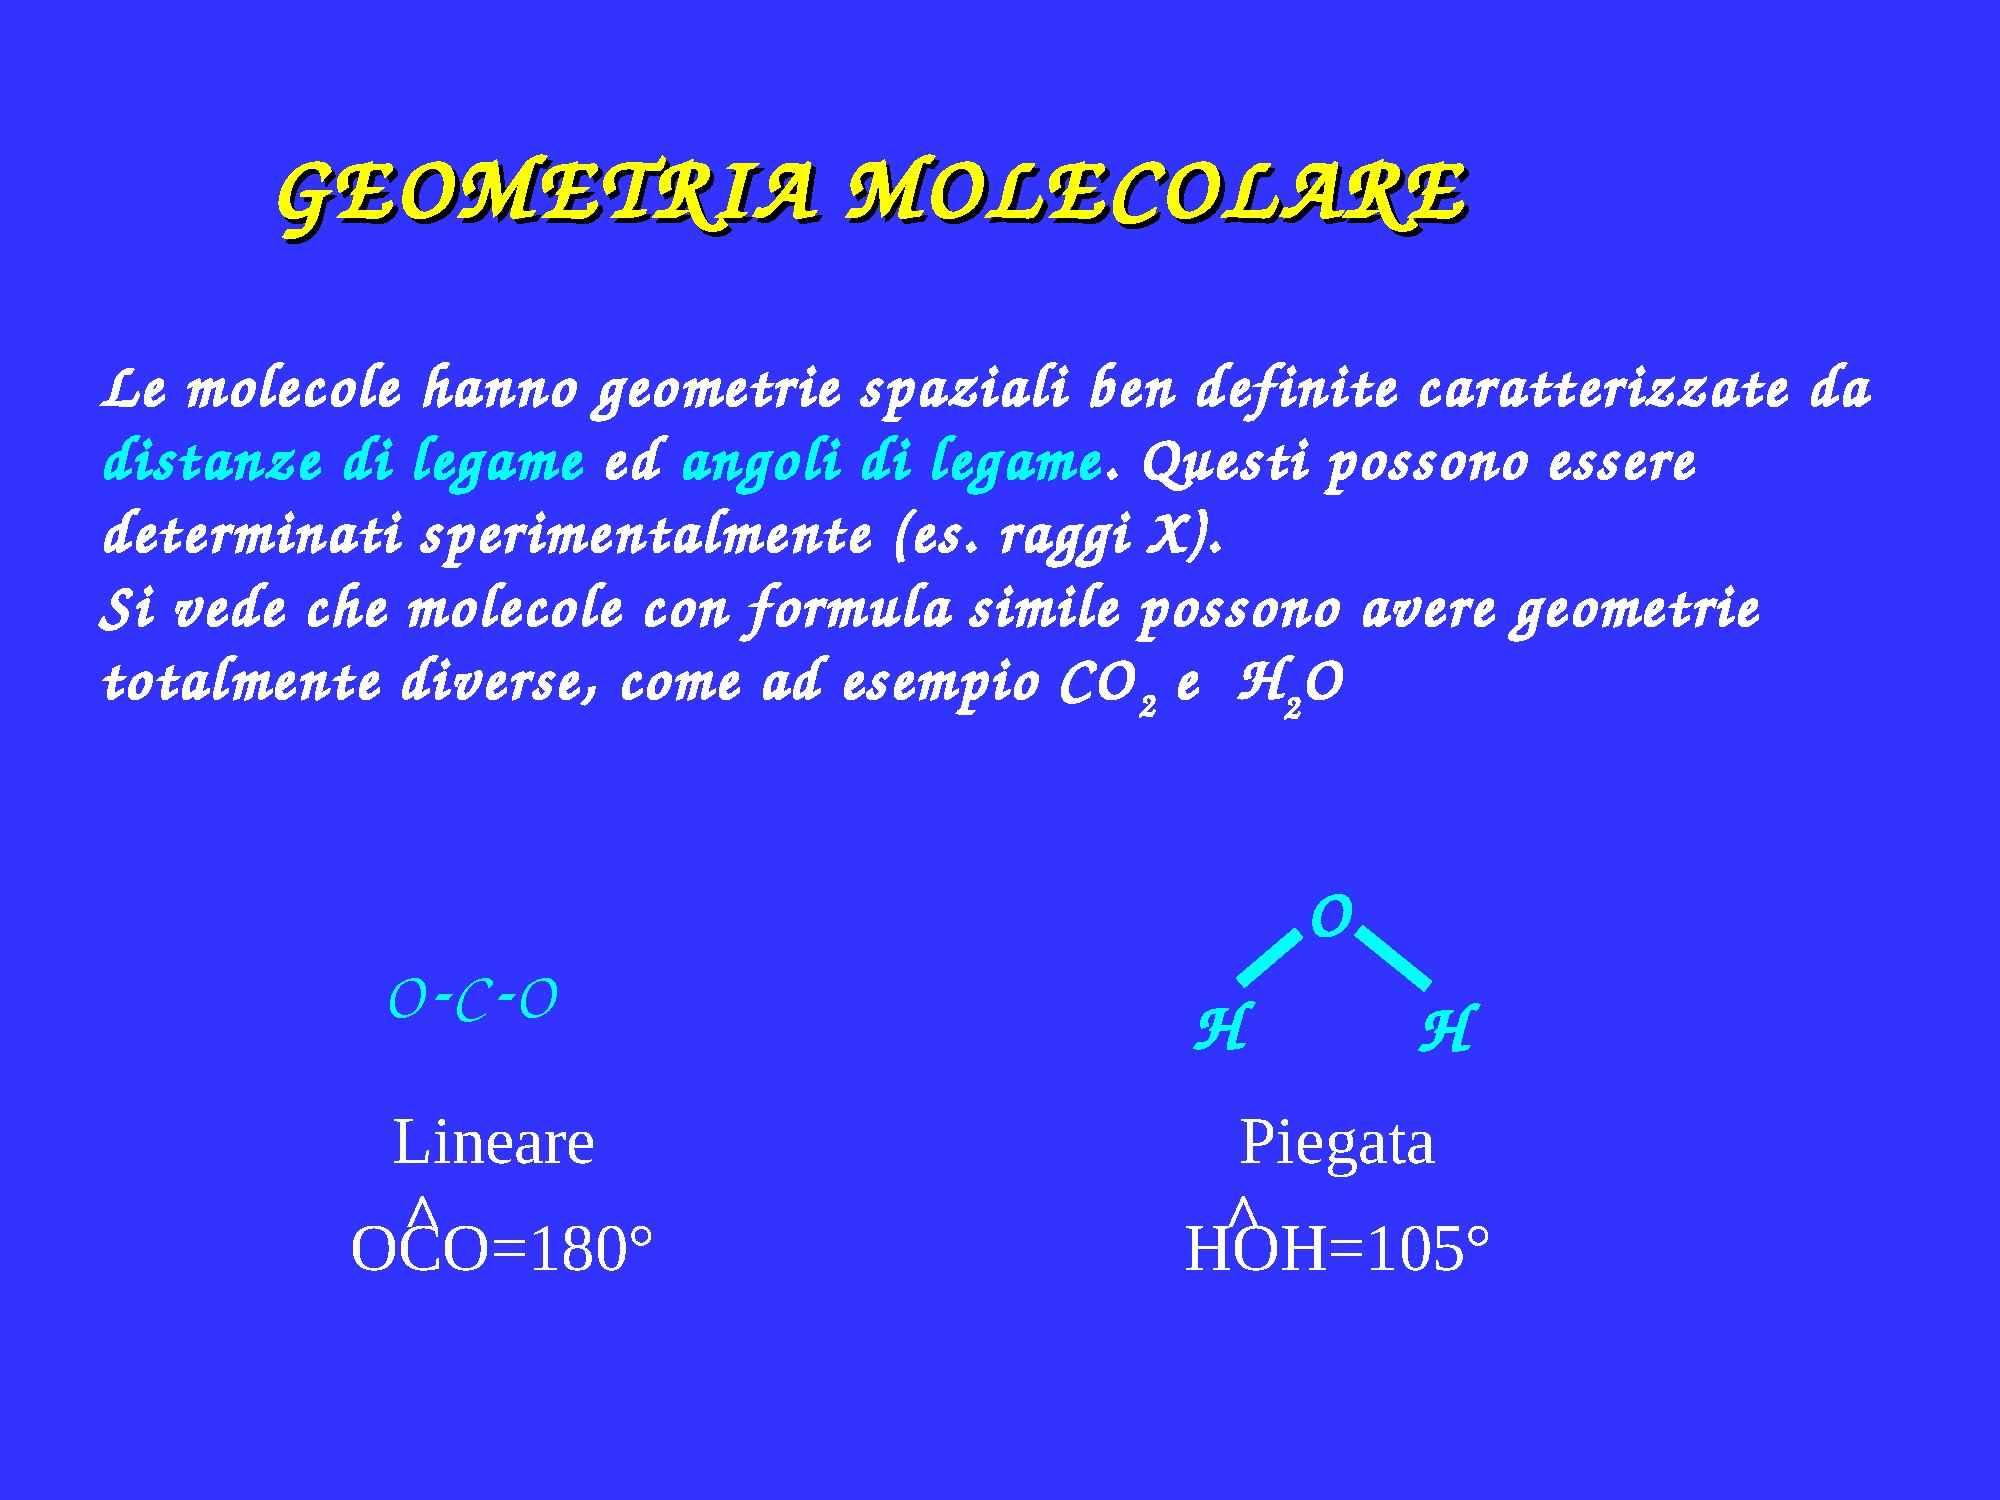 Geometria molecolare